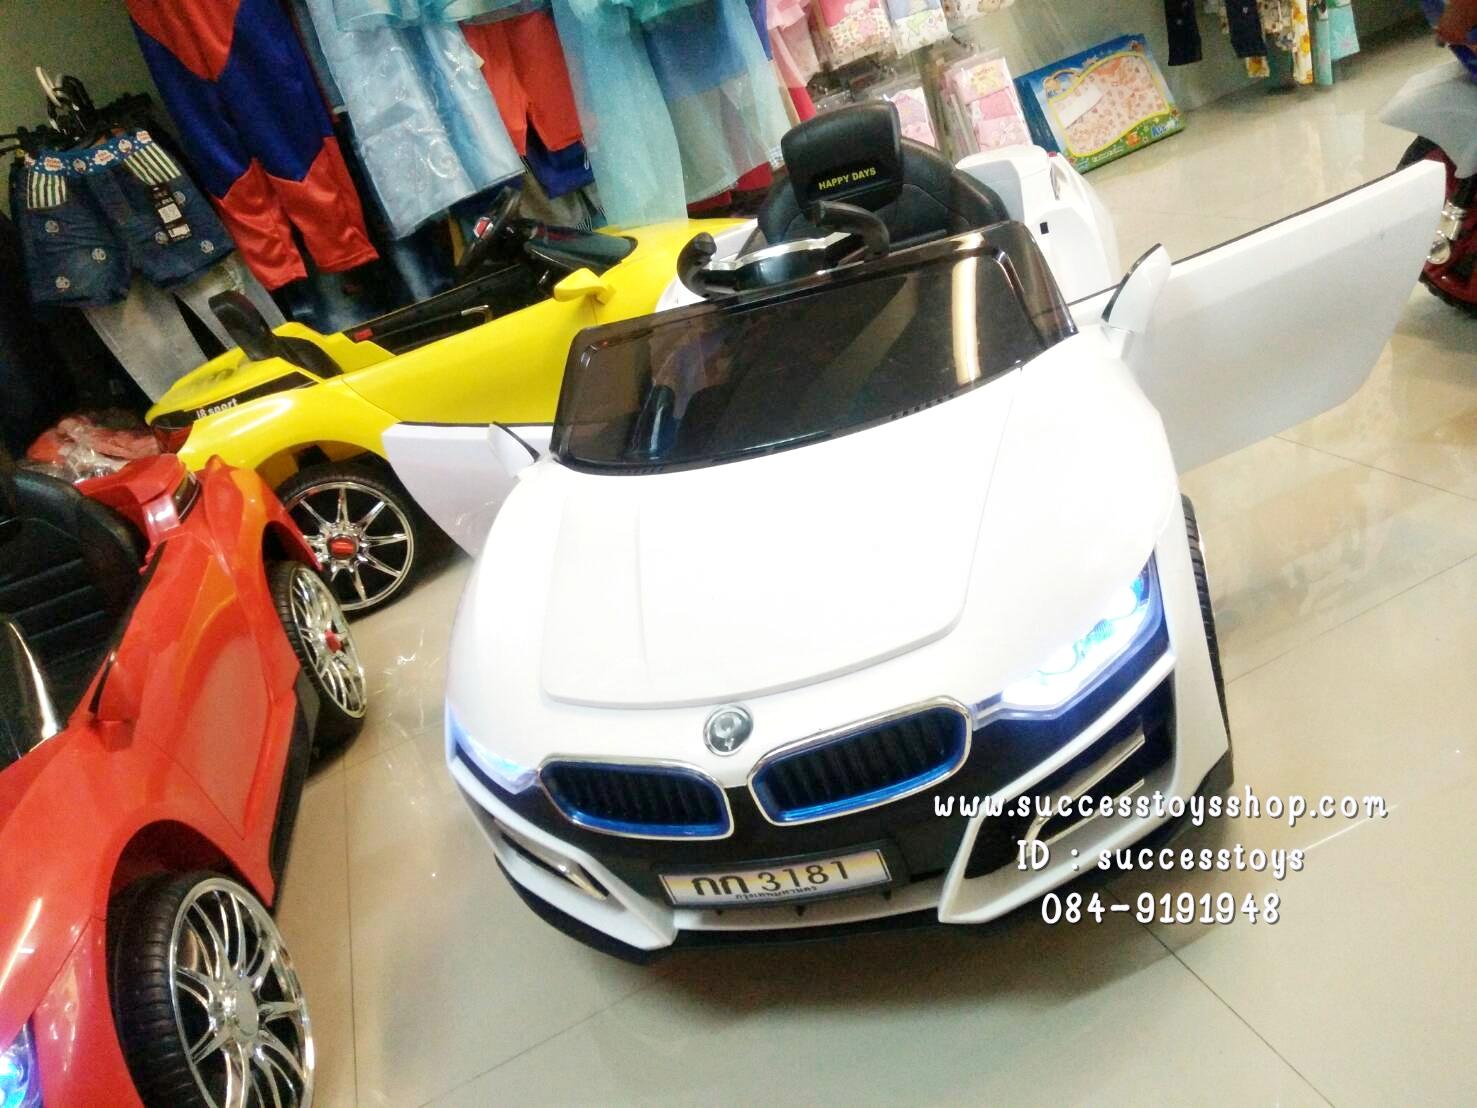 3181W รถแบตเตอรี่ไฟฟ้า BMW I8 2 มอเตอร์ สีขาว